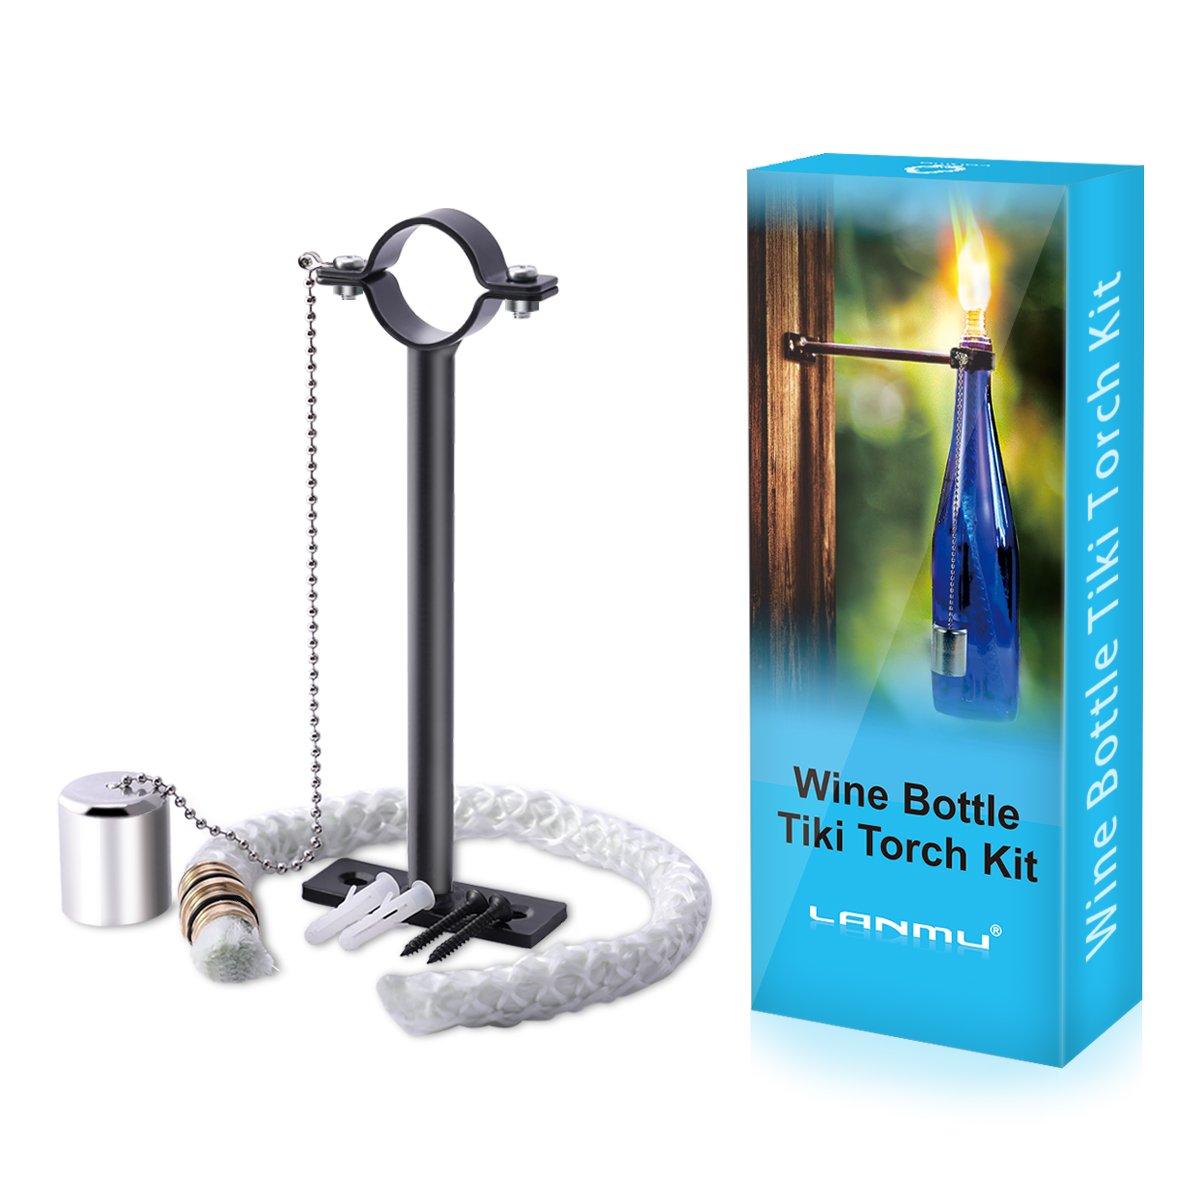 LANMU Wine Bottle Tiki Torch Kit,Tiki Wick Bottle Torch Holder,DIY Home Decor Kit,Tiki Bar Lighting,Outdoor Torches,Glass Bottle Light for Wine Bottles